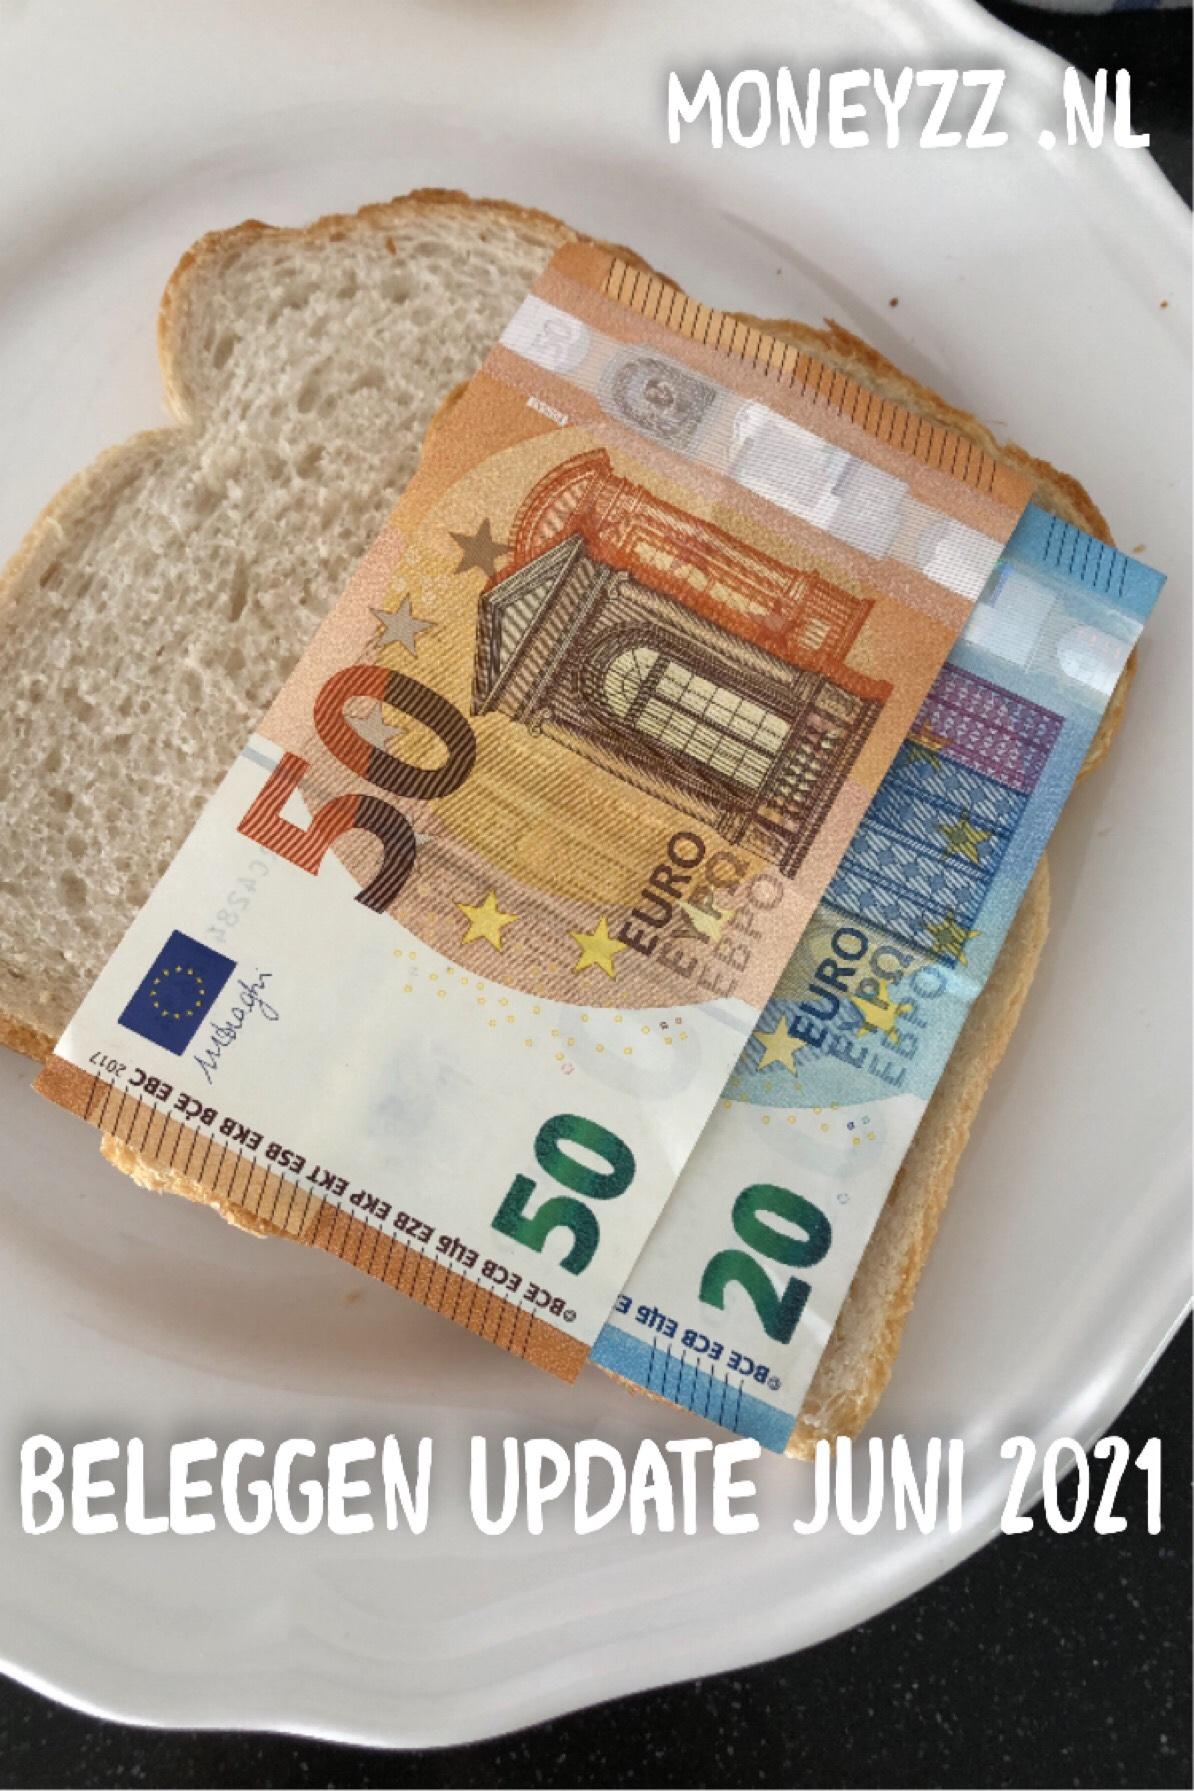 Beleggen update juni 2021